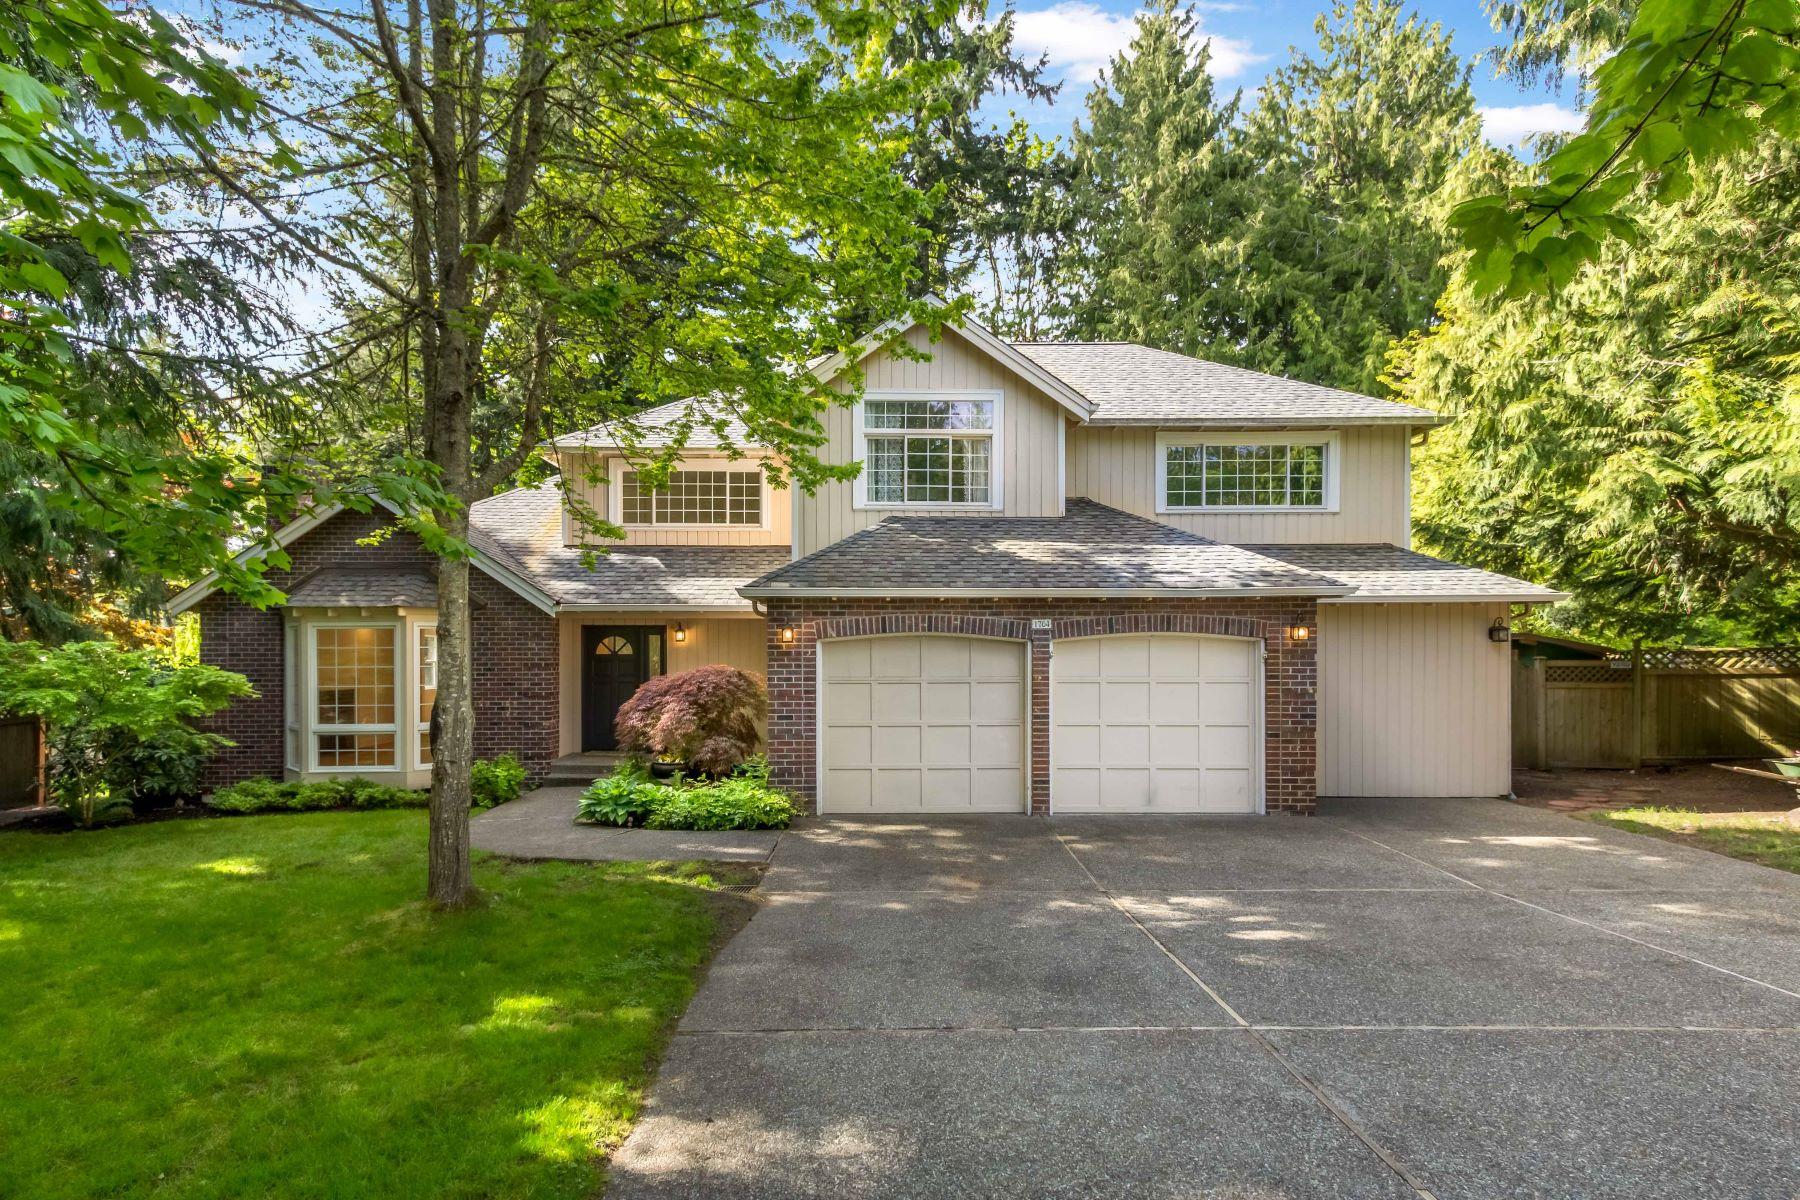 独户住宅 为 销售 在 In-Town Living 1764 Susan Pl NW 班布里奇岛, 华盛顿州, 98110 美国